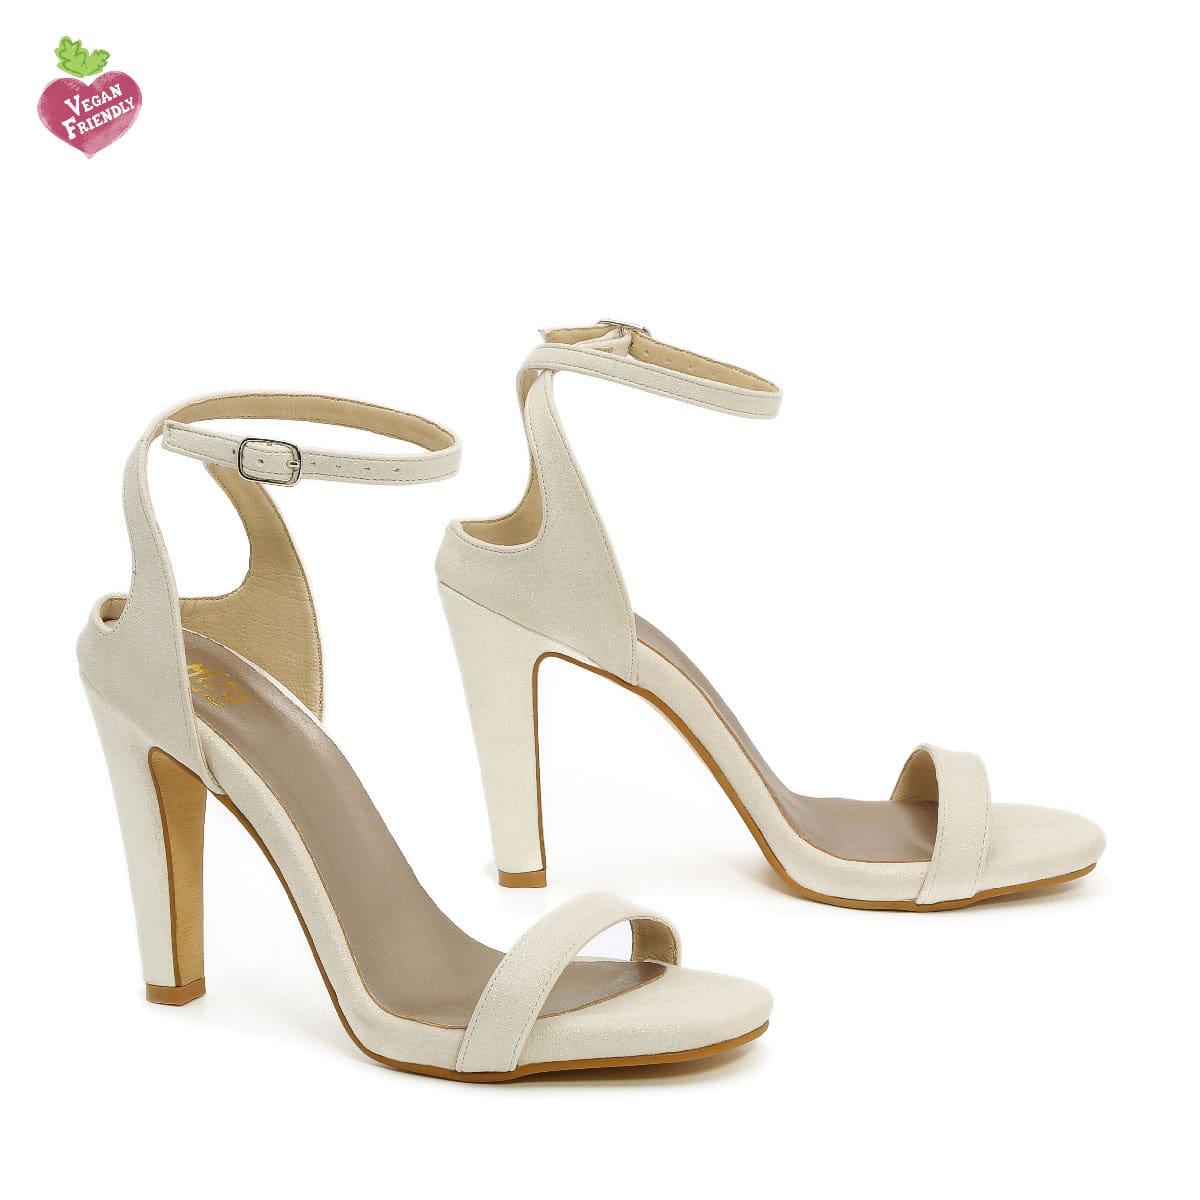 דגם אילנה: נעלי עקב טבעוניות בצבע שמנת נצנץ